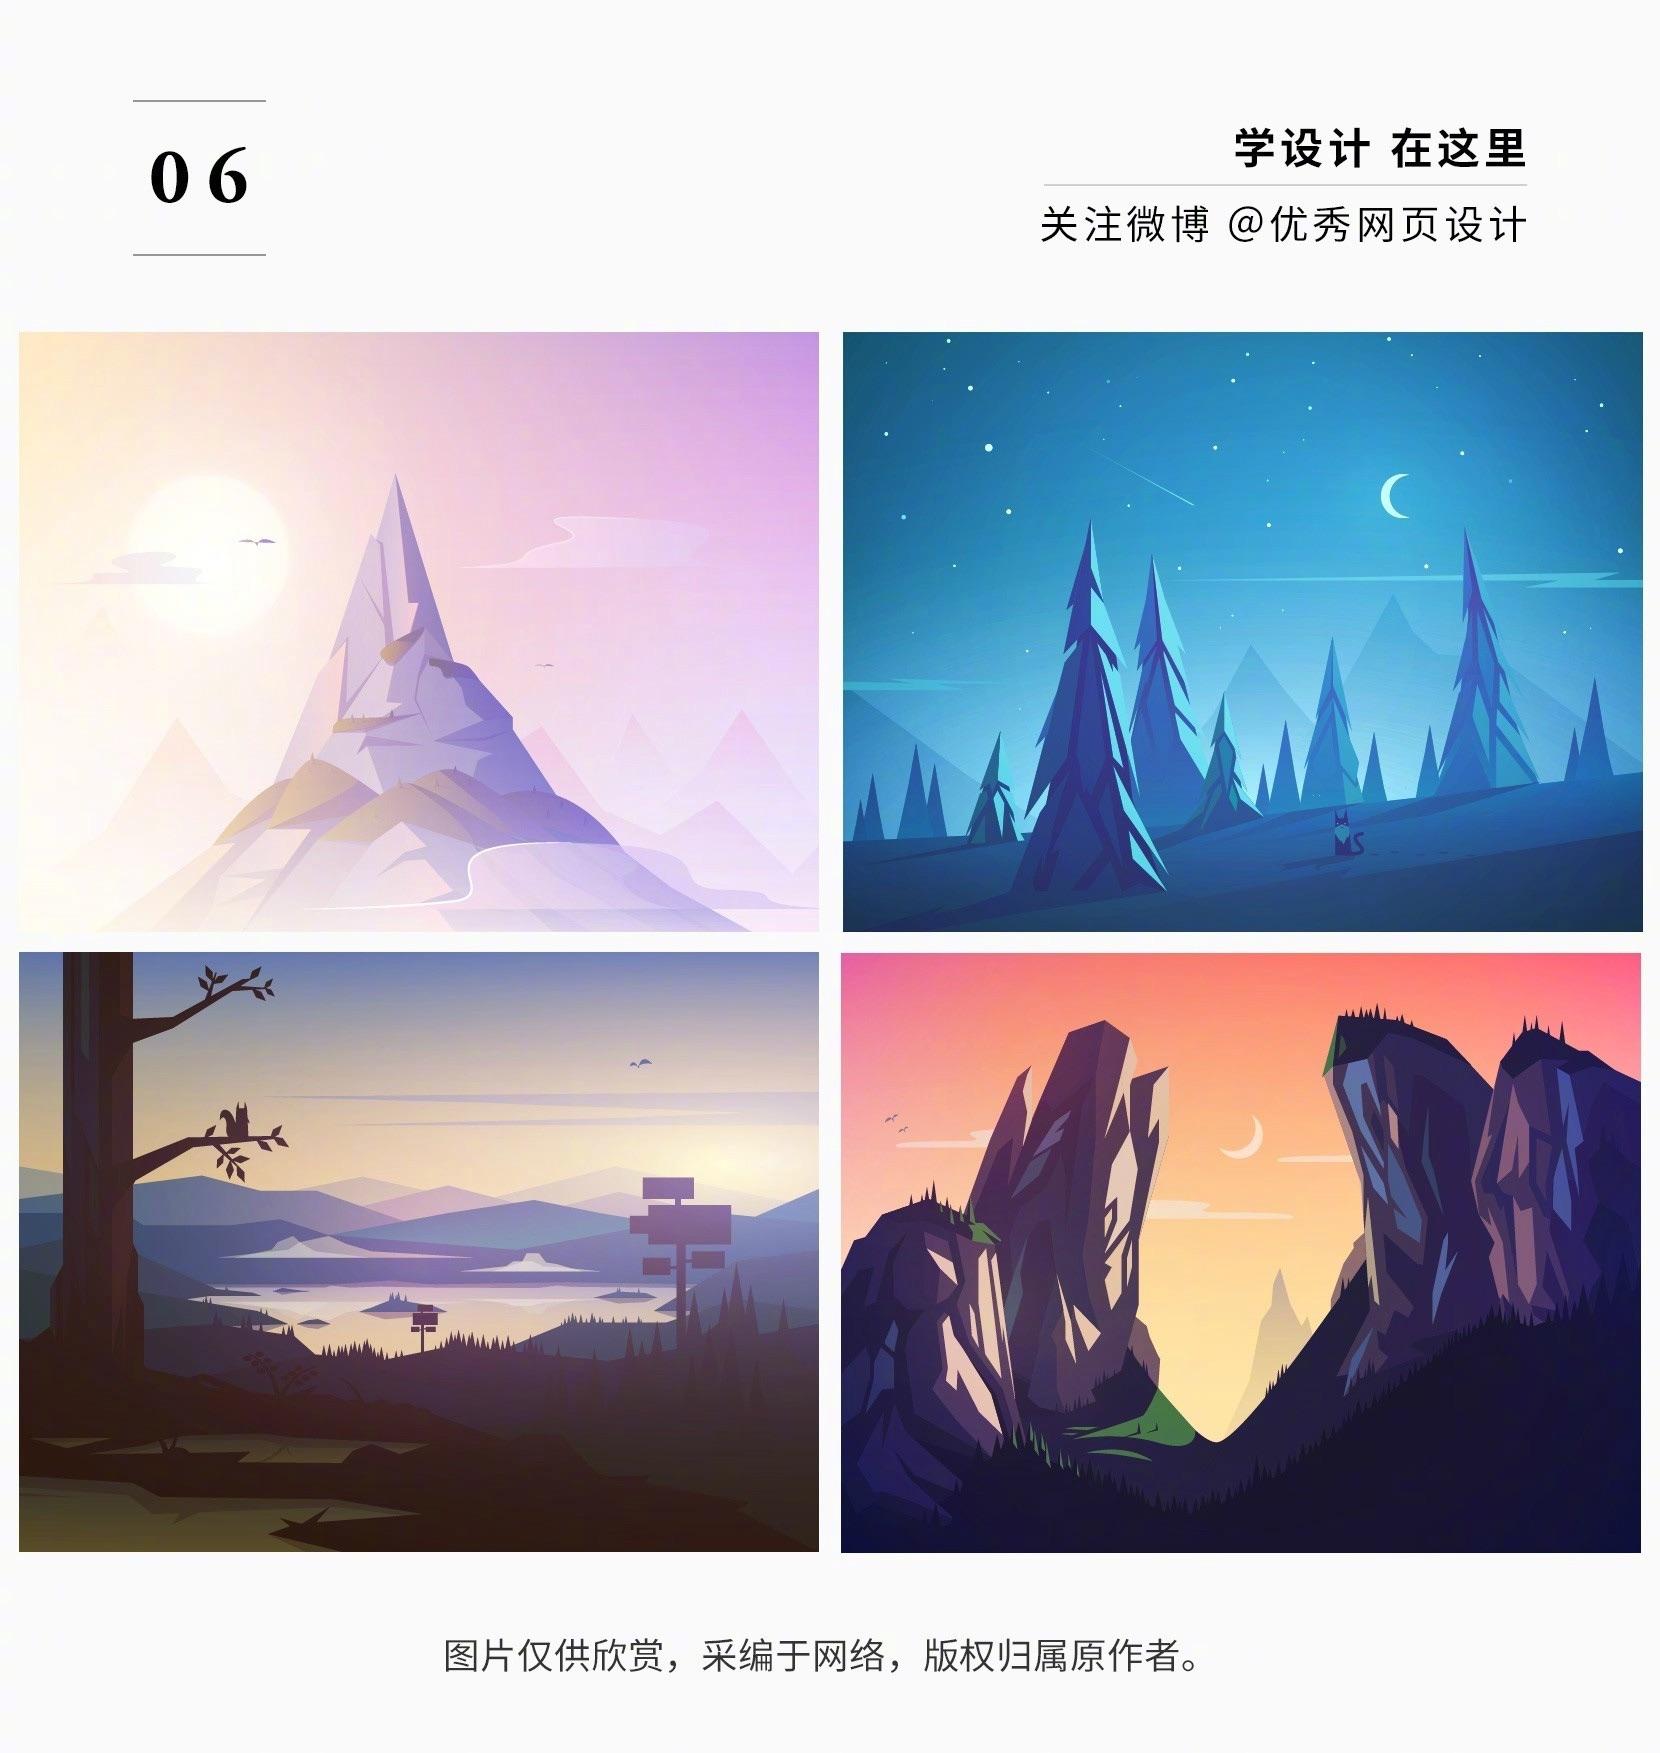 36个精美的场景插画设计